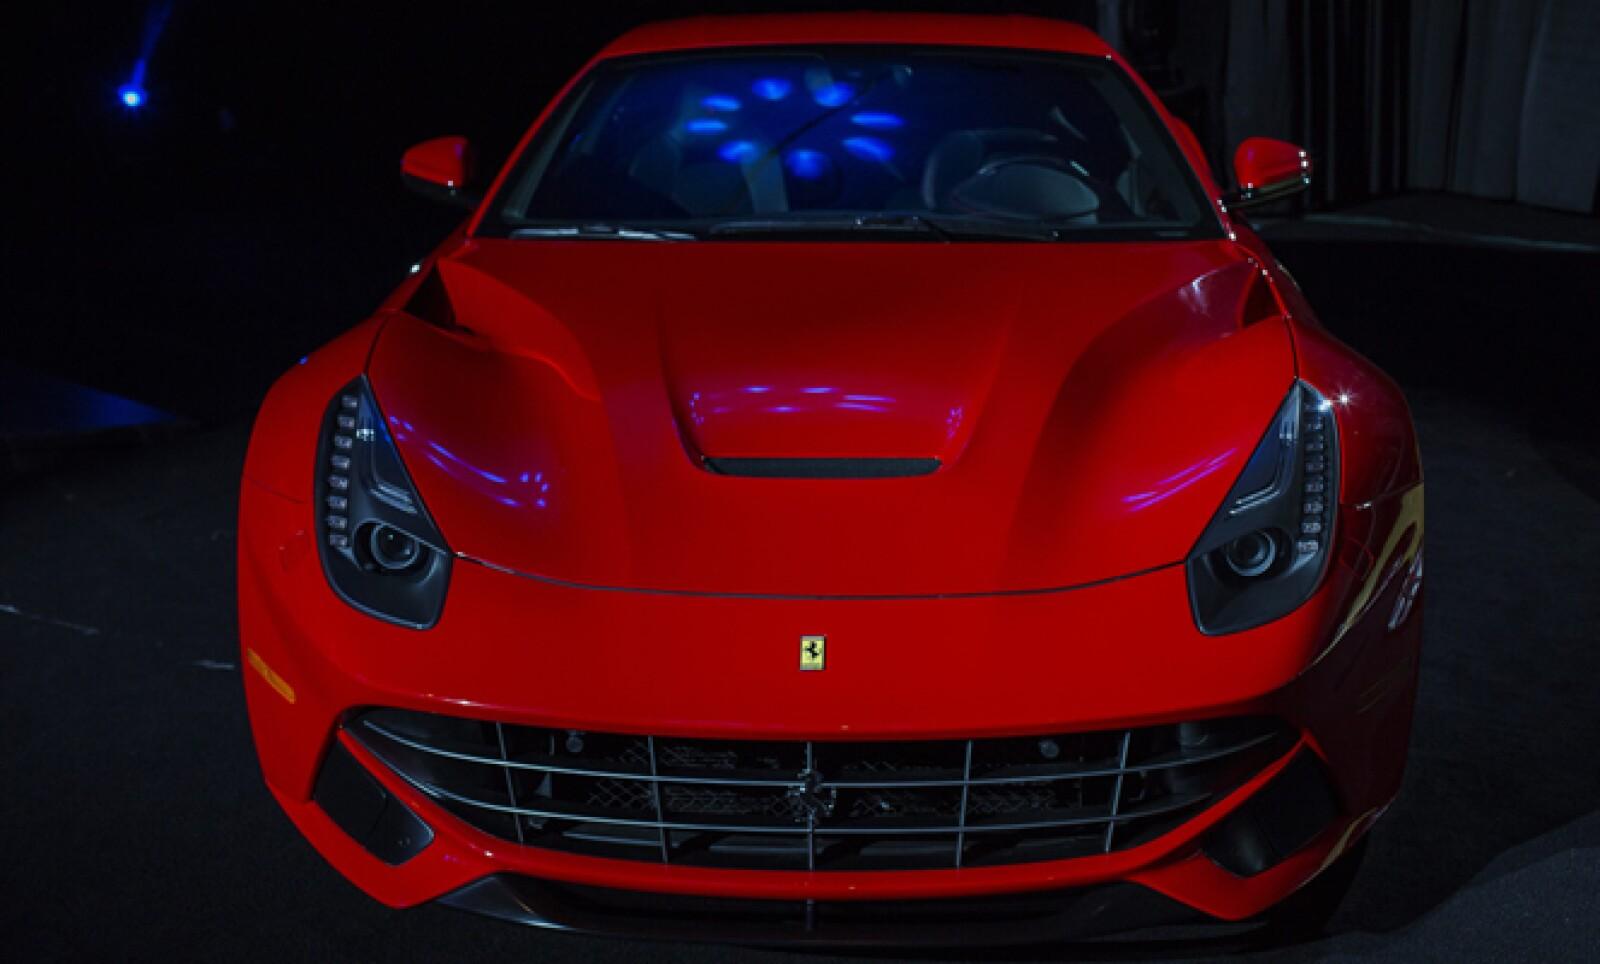 El Ferrari F12 Berlinetta se muestra durante el Salón Internacional del Automóvil de Nueva York, que se celebra del 29 de marzo al 7 de abril.